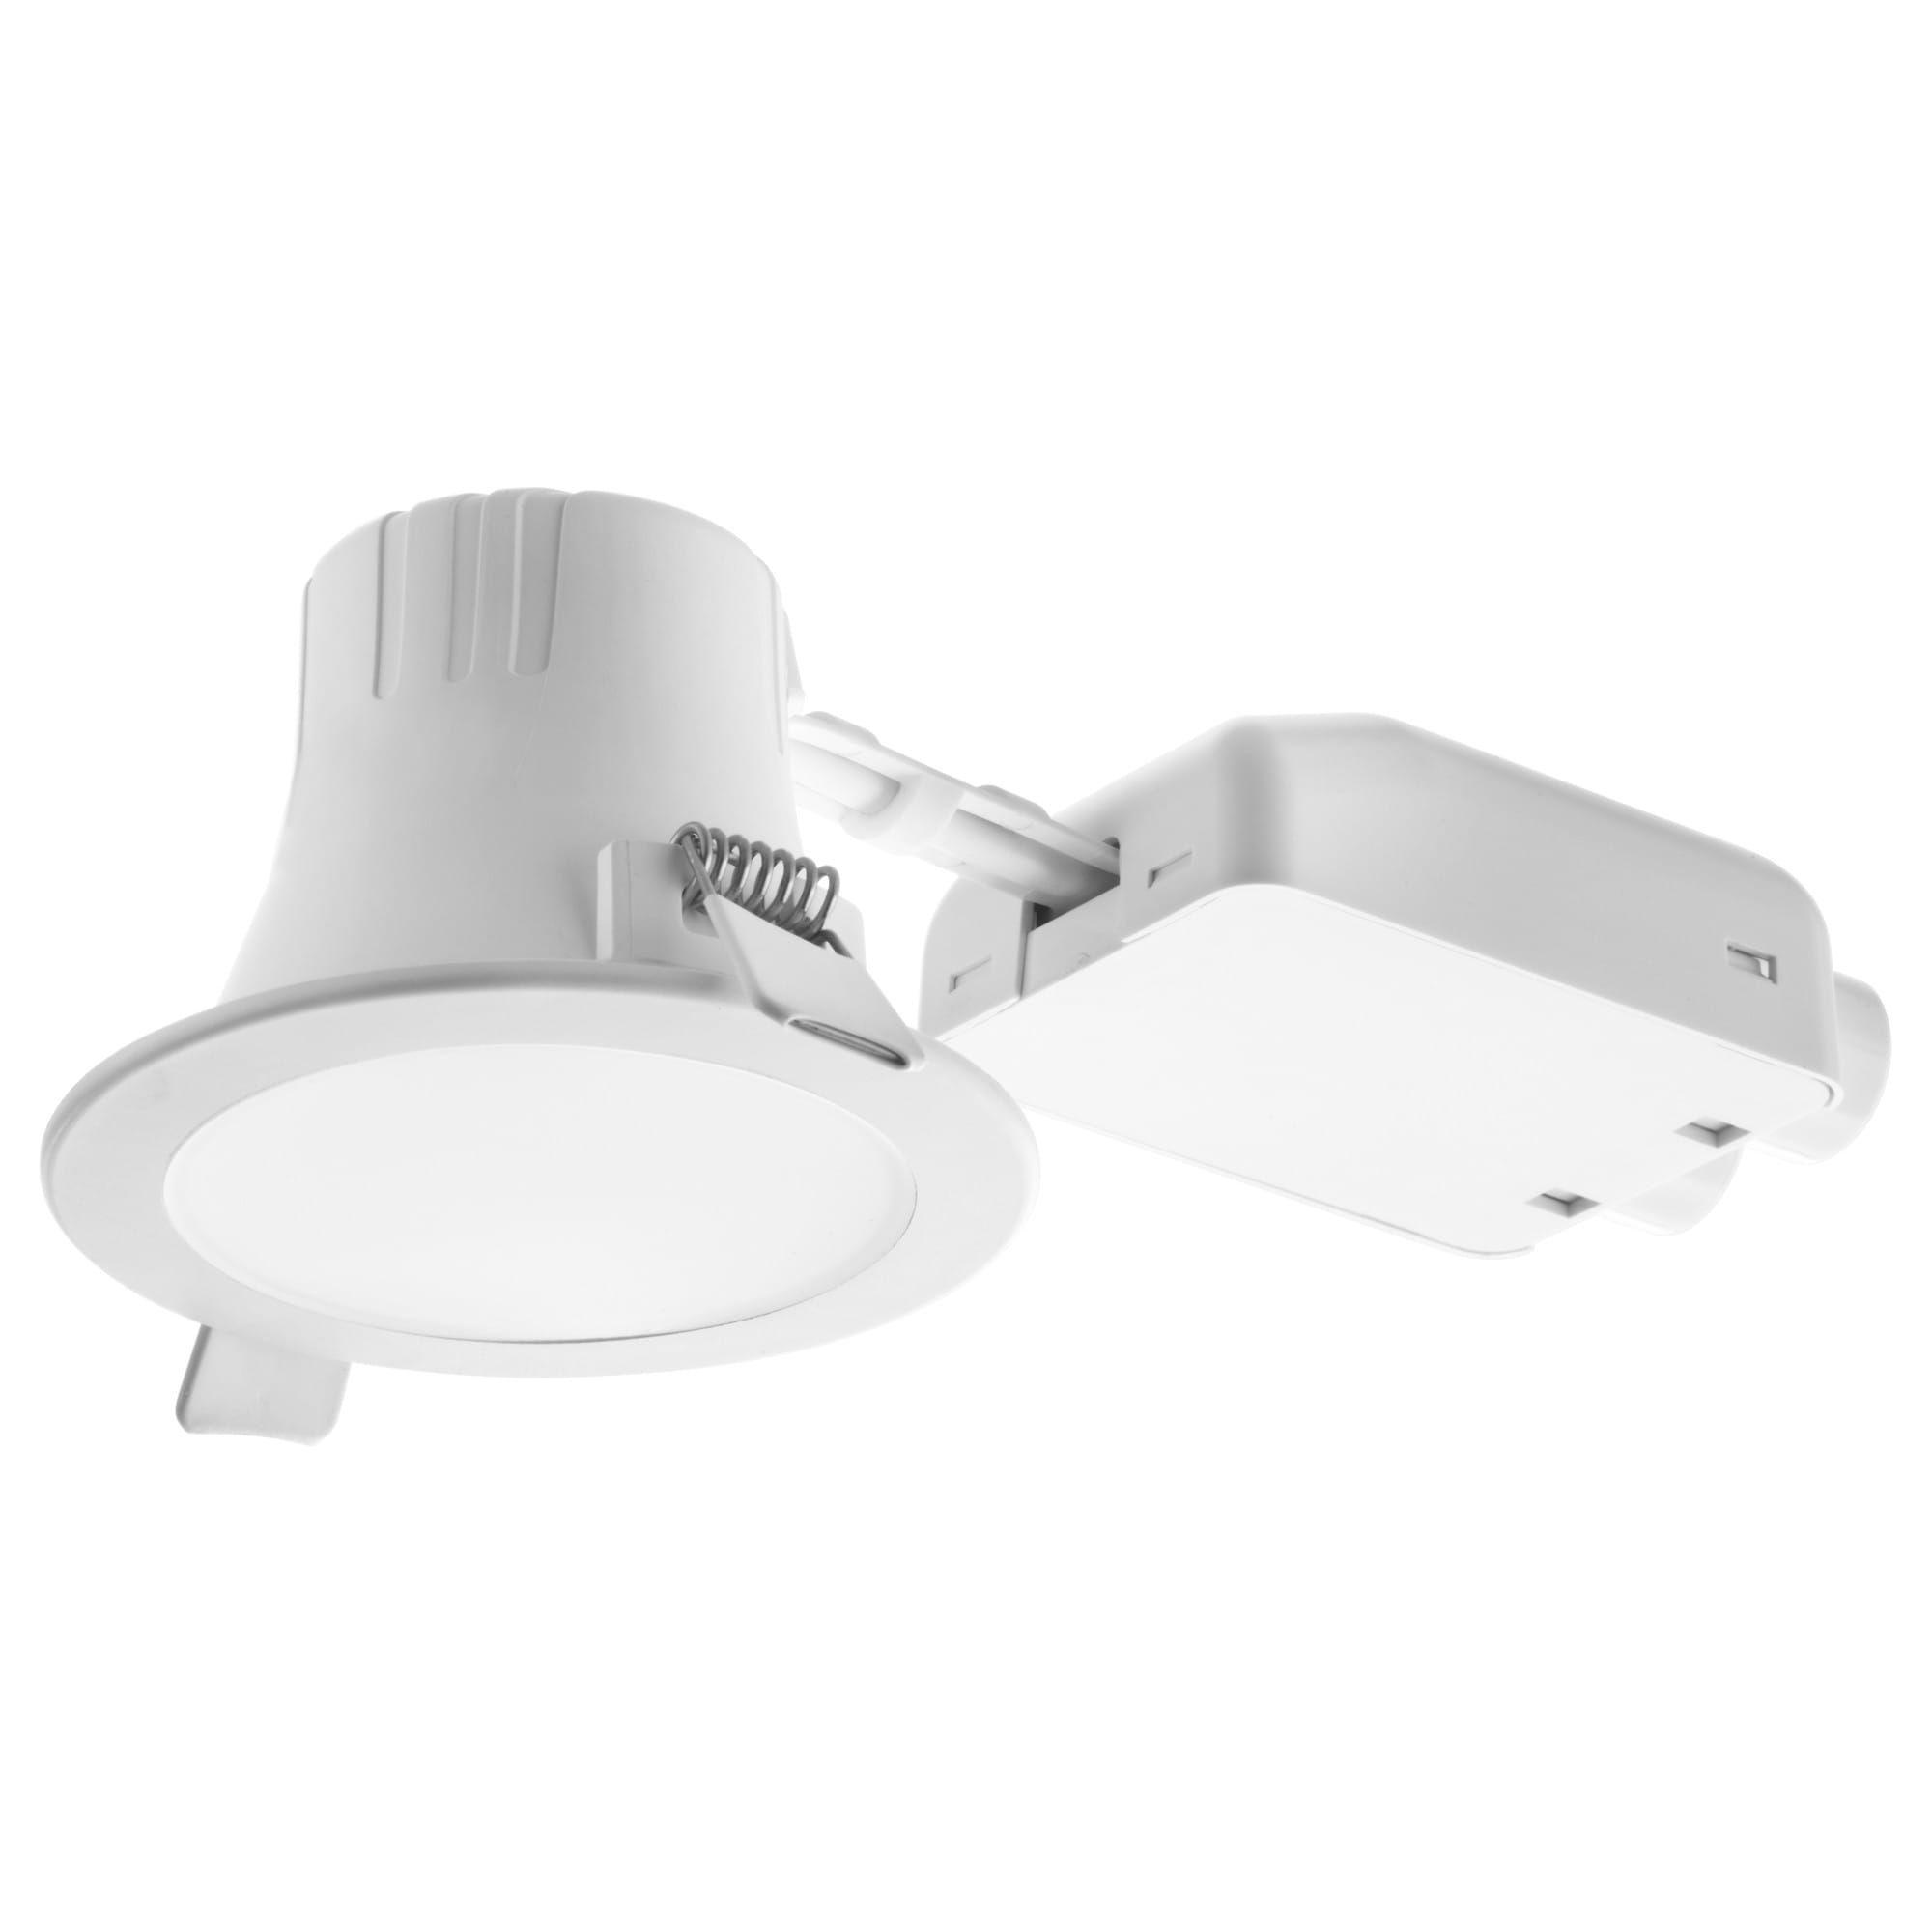 LAKENE LED inbyggnadsspot opalvit | Spotlights, Glödlampa